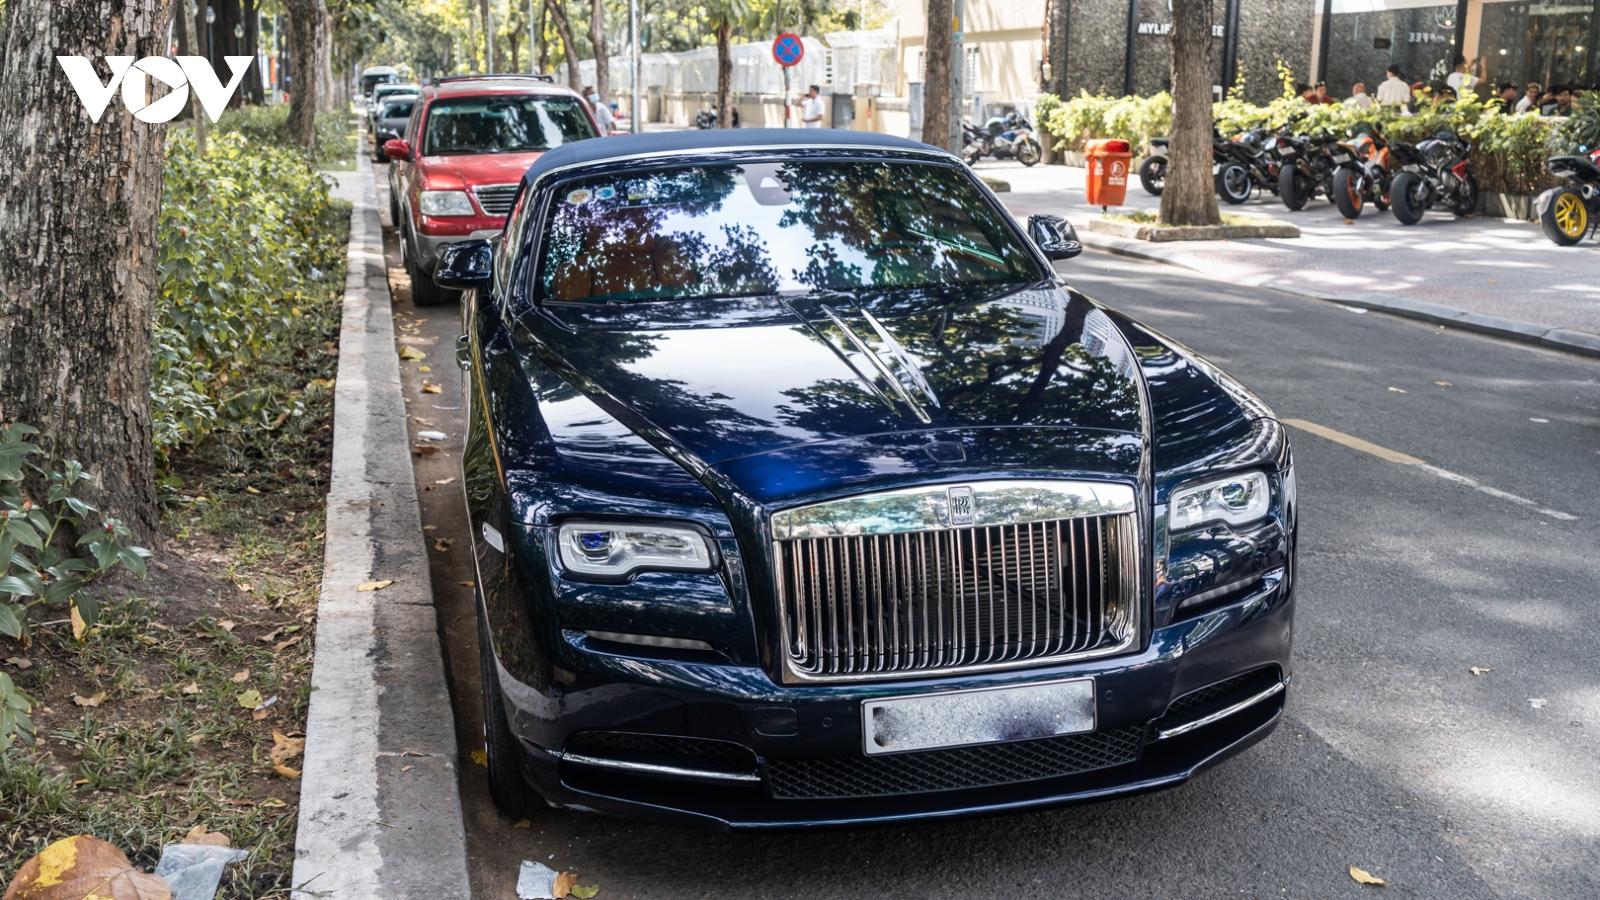 Bắt gặp Rolls-Royce Dawn độc nhất Việt Nam dạo phố ngày đầu năm mới